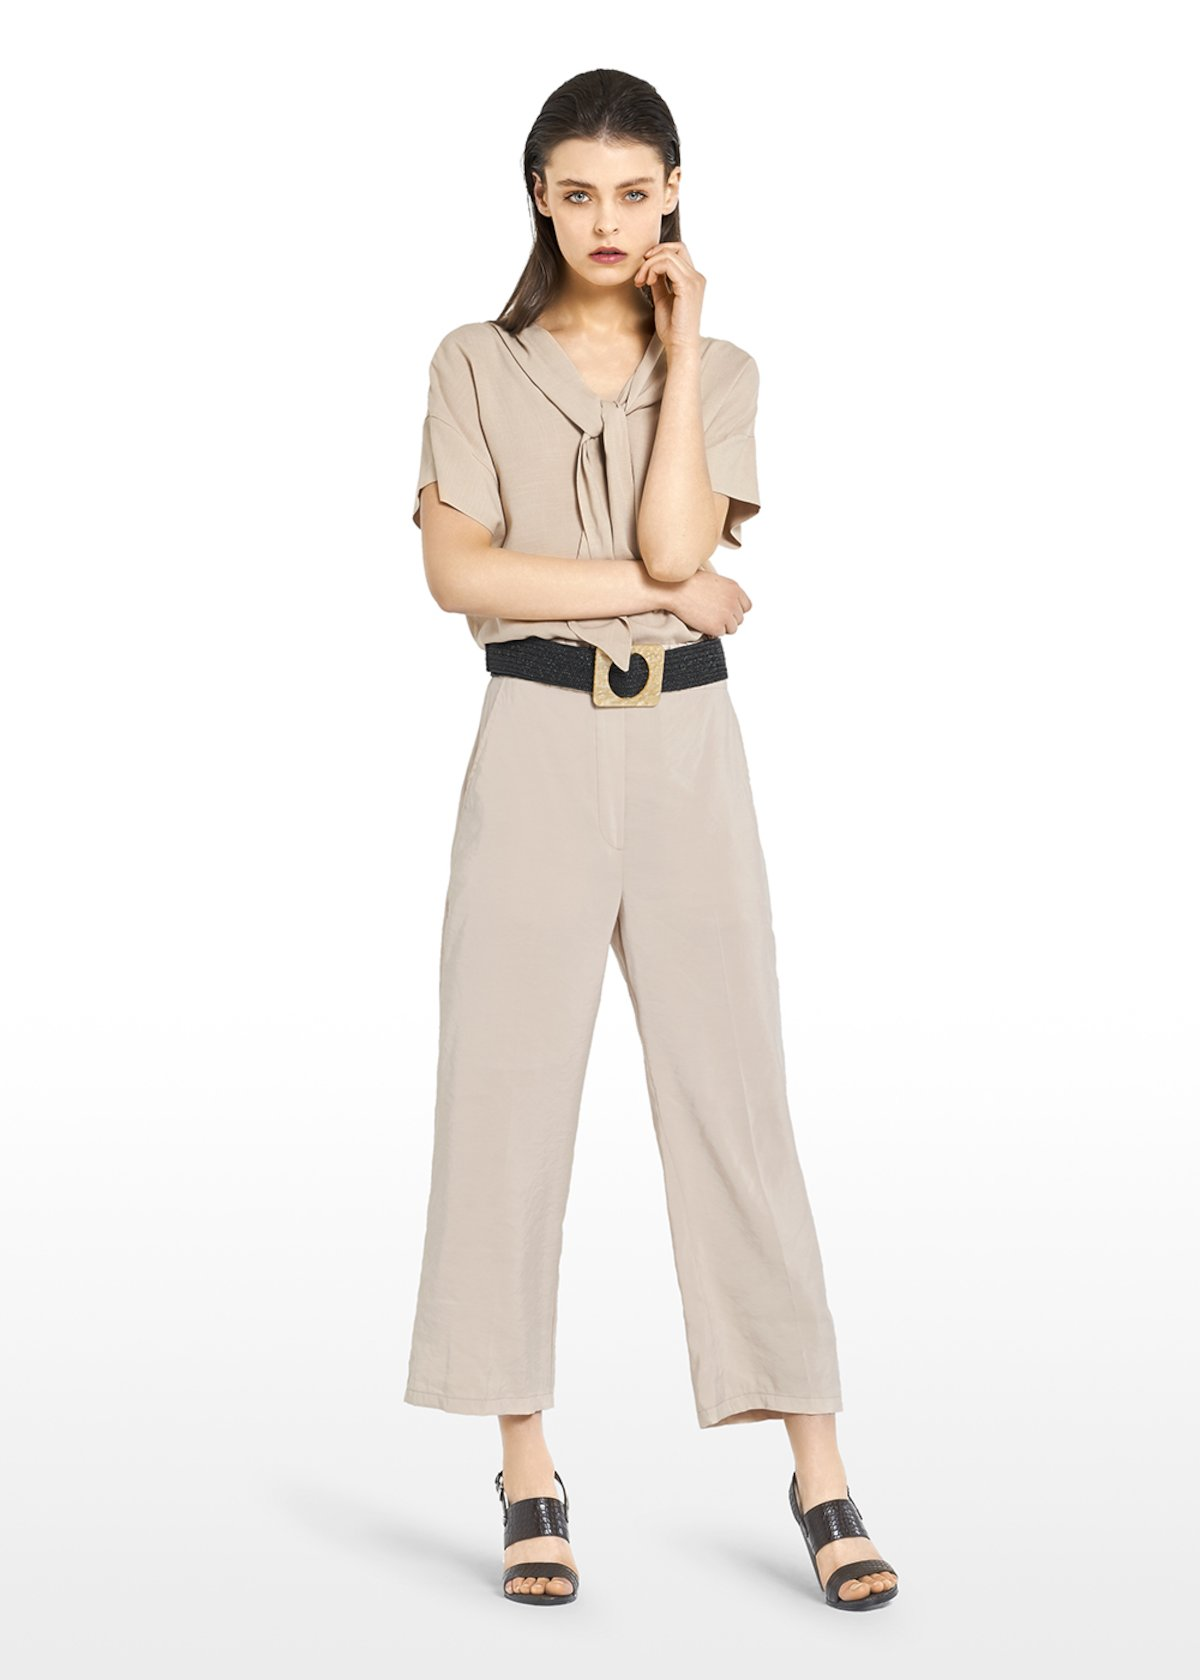 cheaper 802fe ca106 T-shirt Stella a maniche corte con dettaglio scollo sciarpina